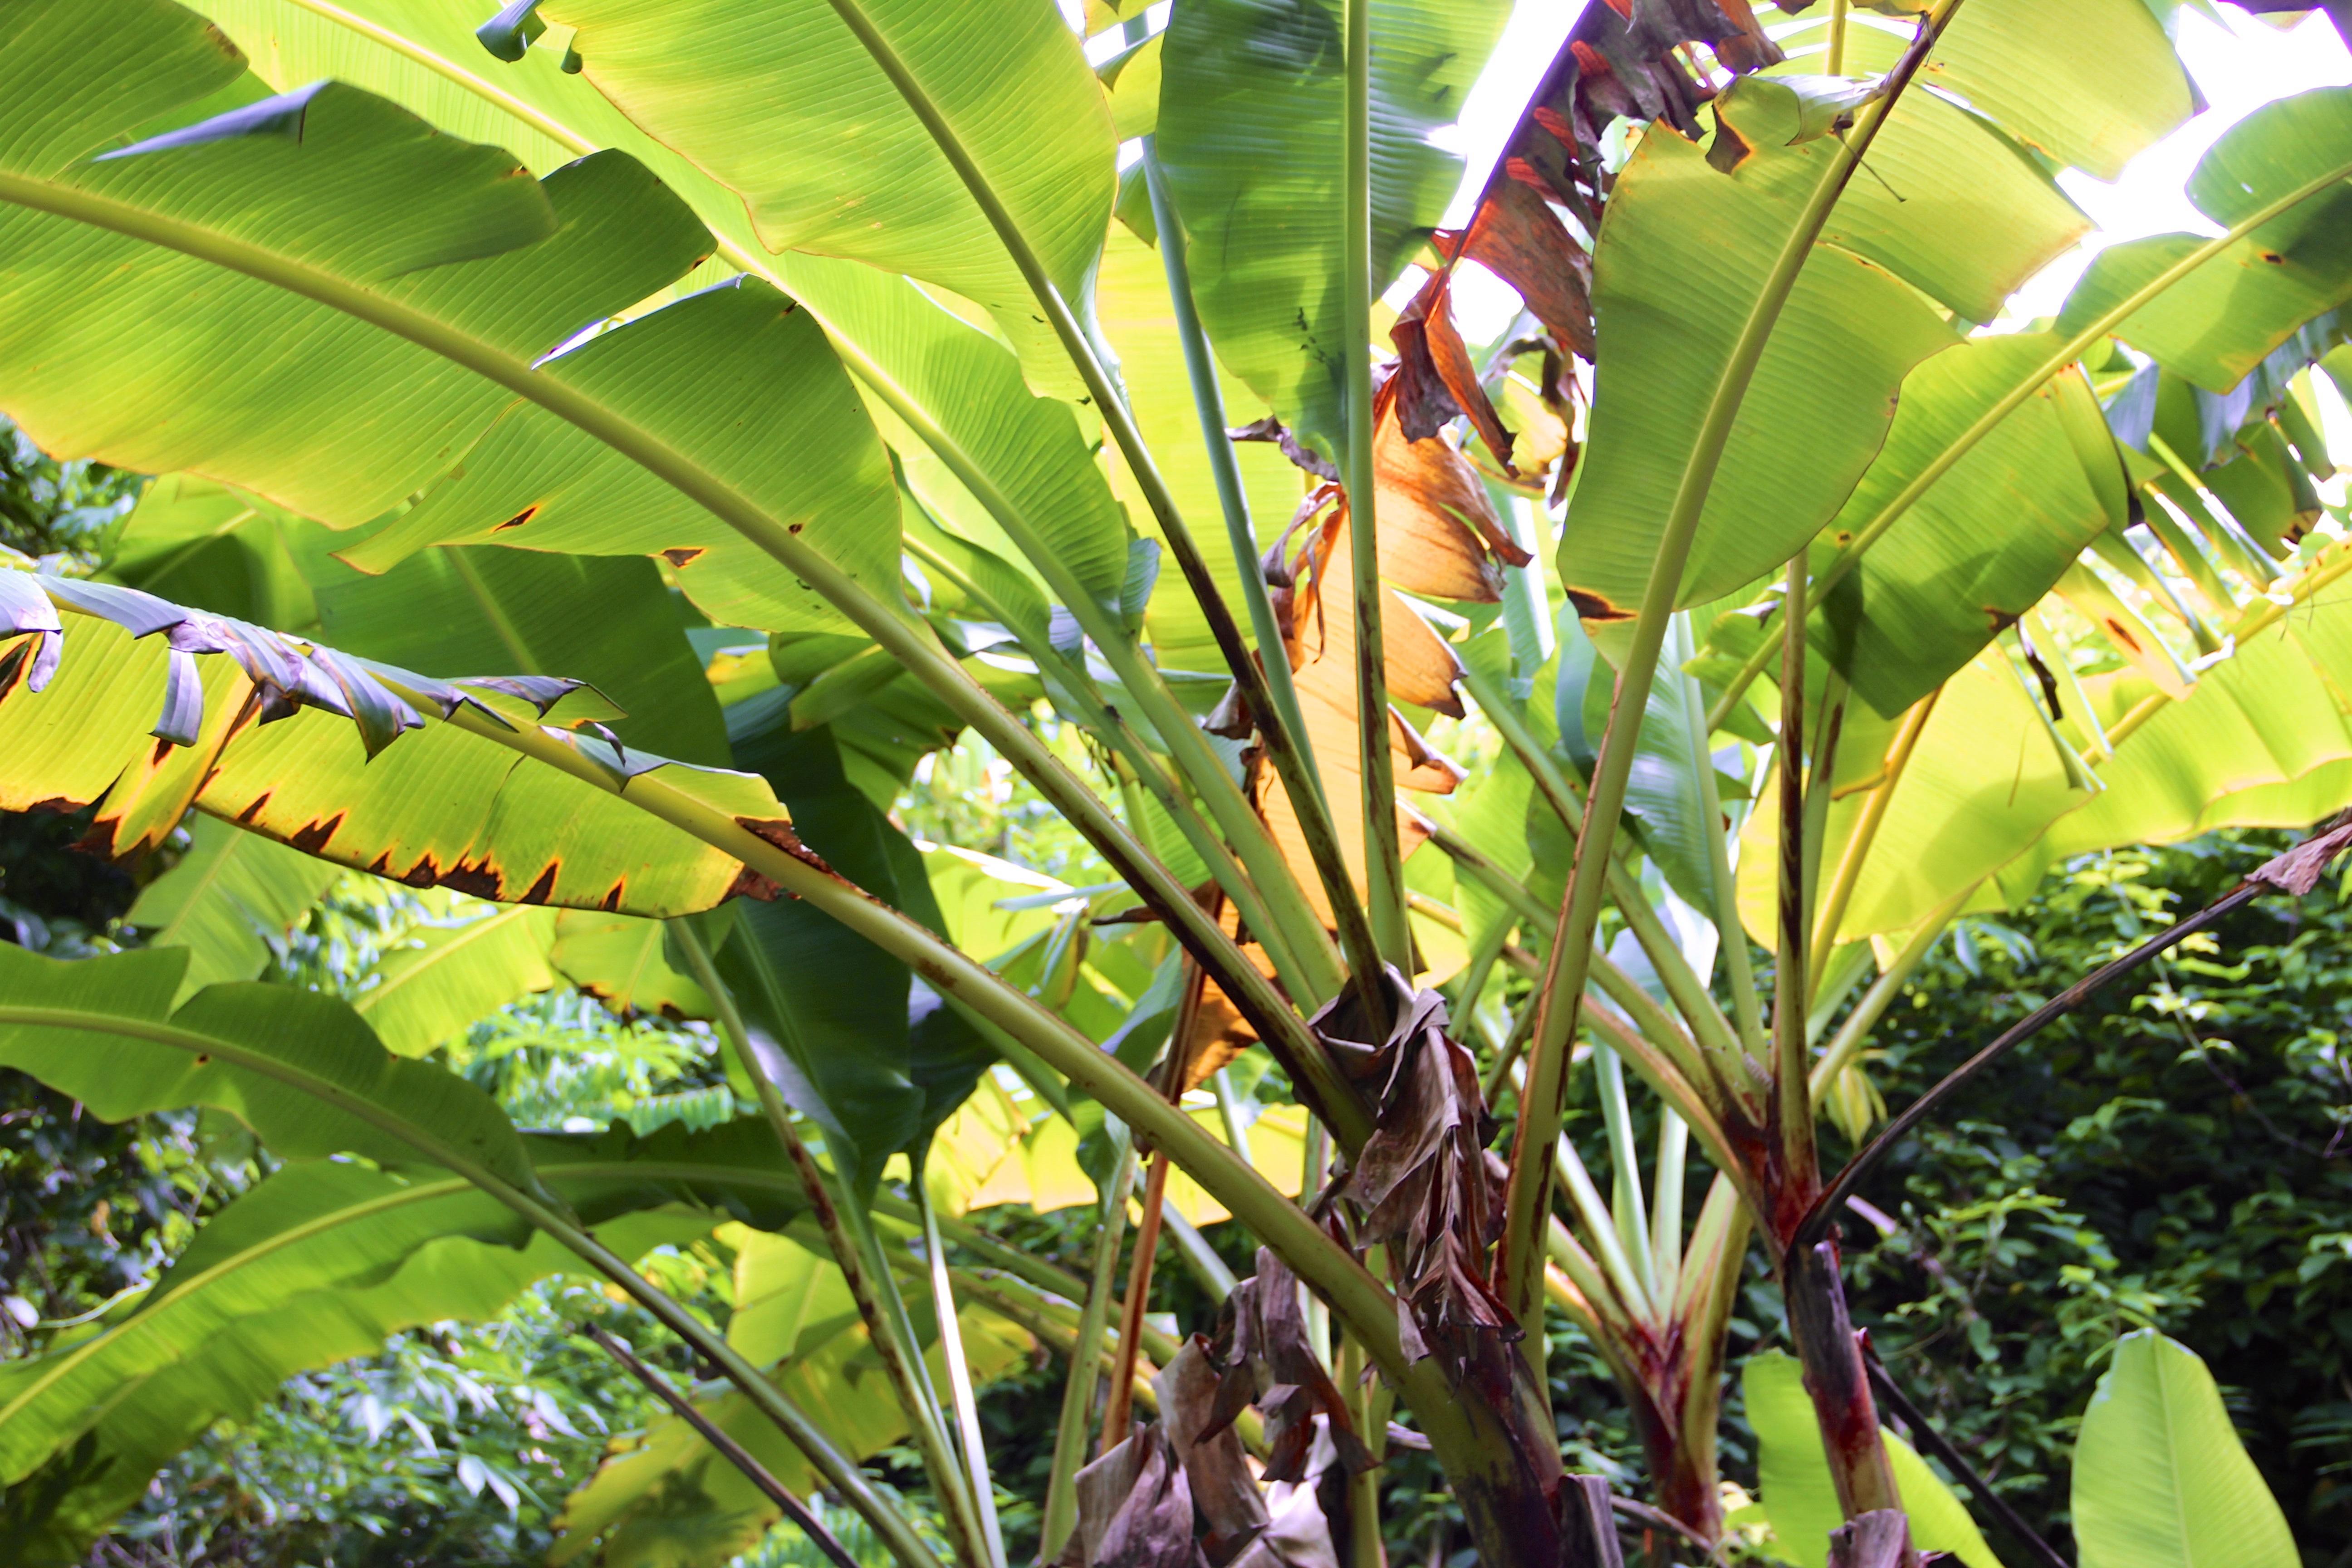 kostenlose foto baum palme blatt blume sommer dschungel produzieren tropisch urlaub. Black Bedroom Furniture Sets. Home Design Ideas